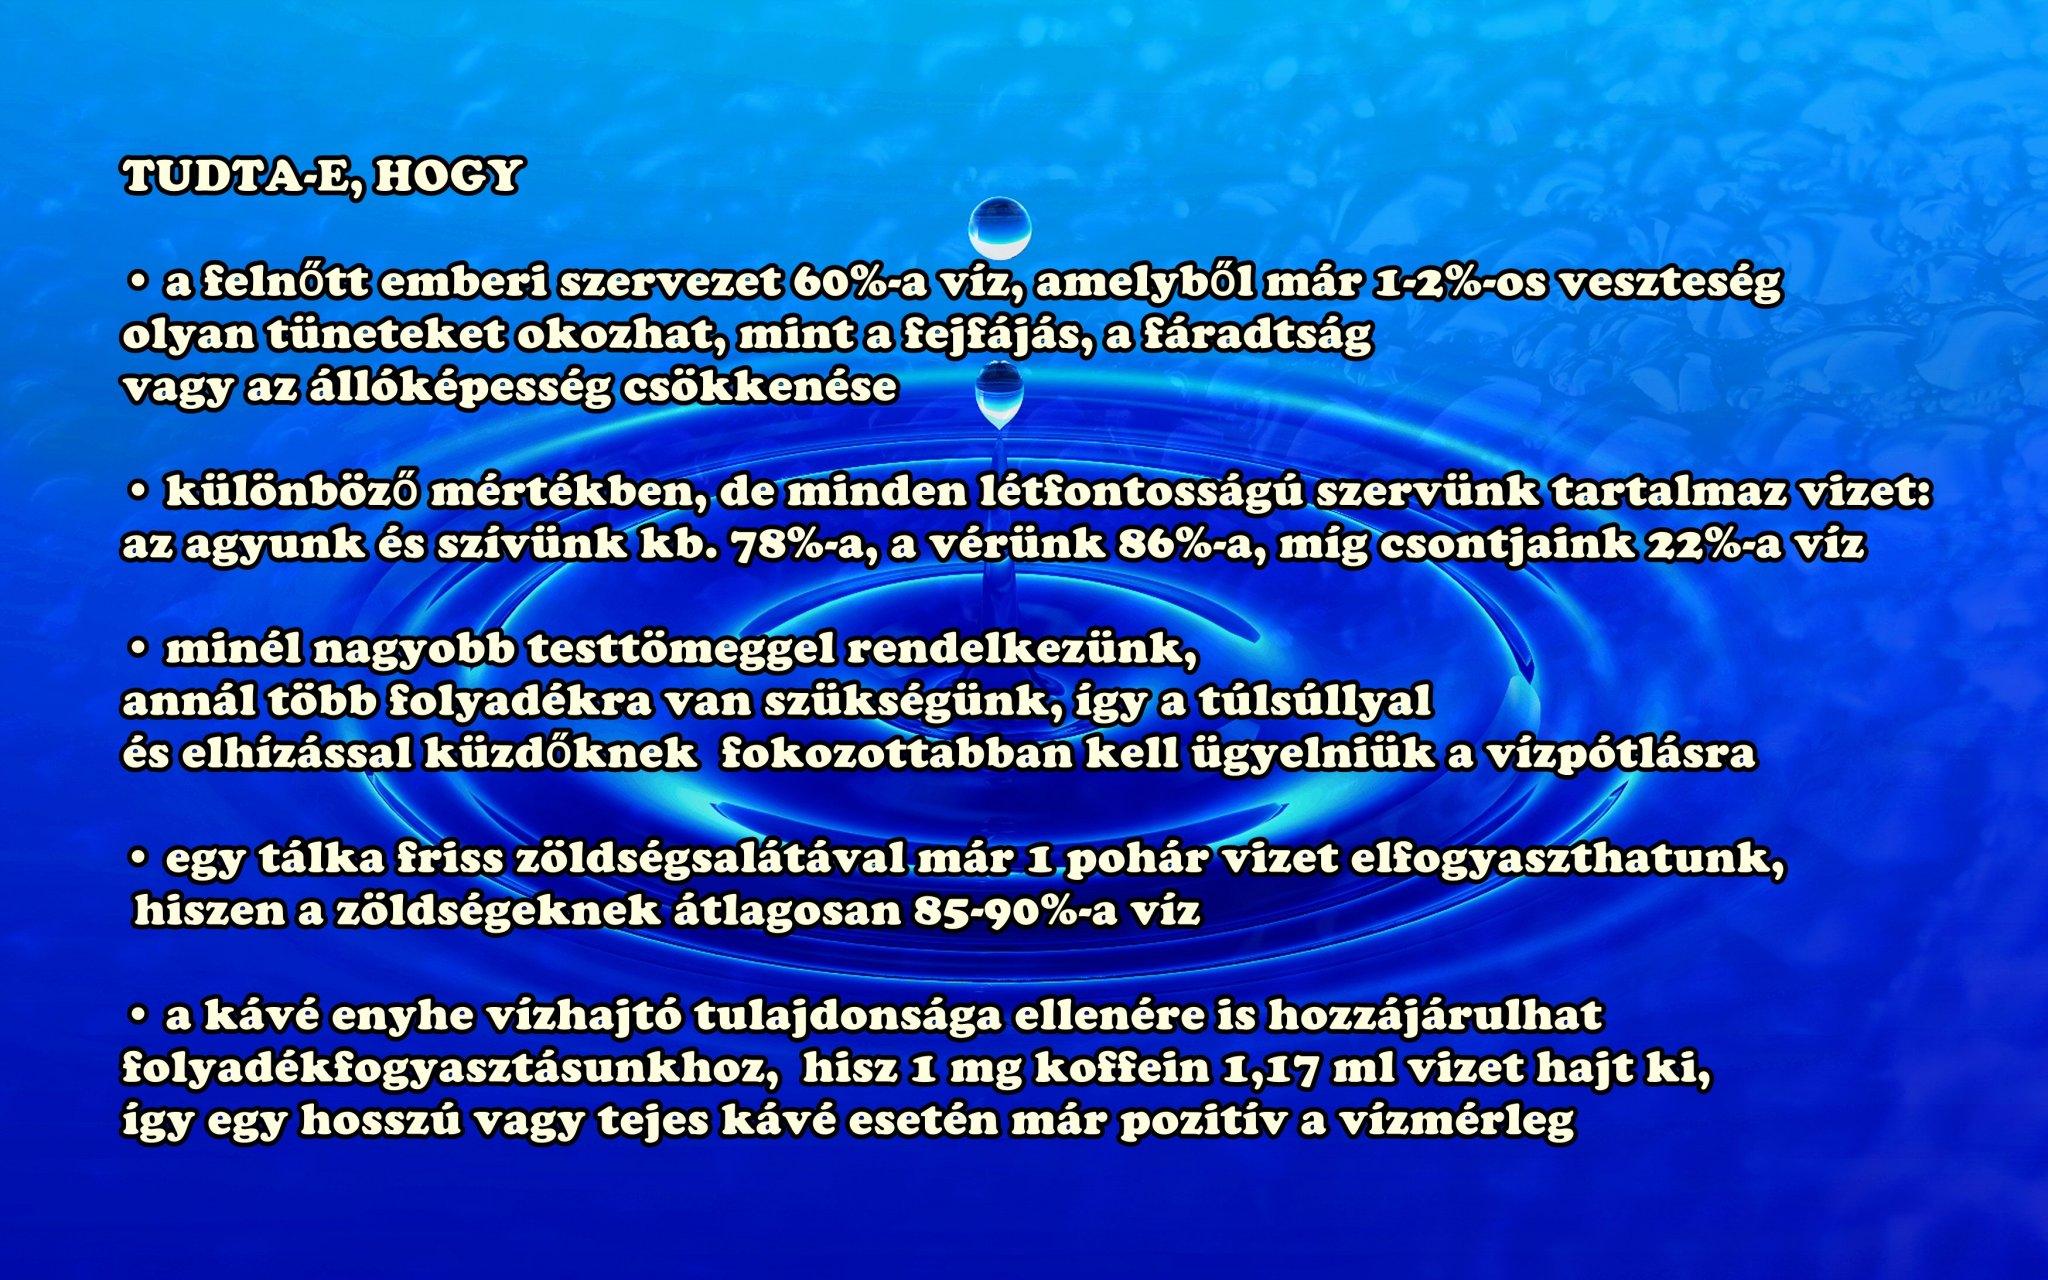 a magas vérnyomáshoz szükséges vízmennyiség kórtörténet hipertónia cukorbetegség